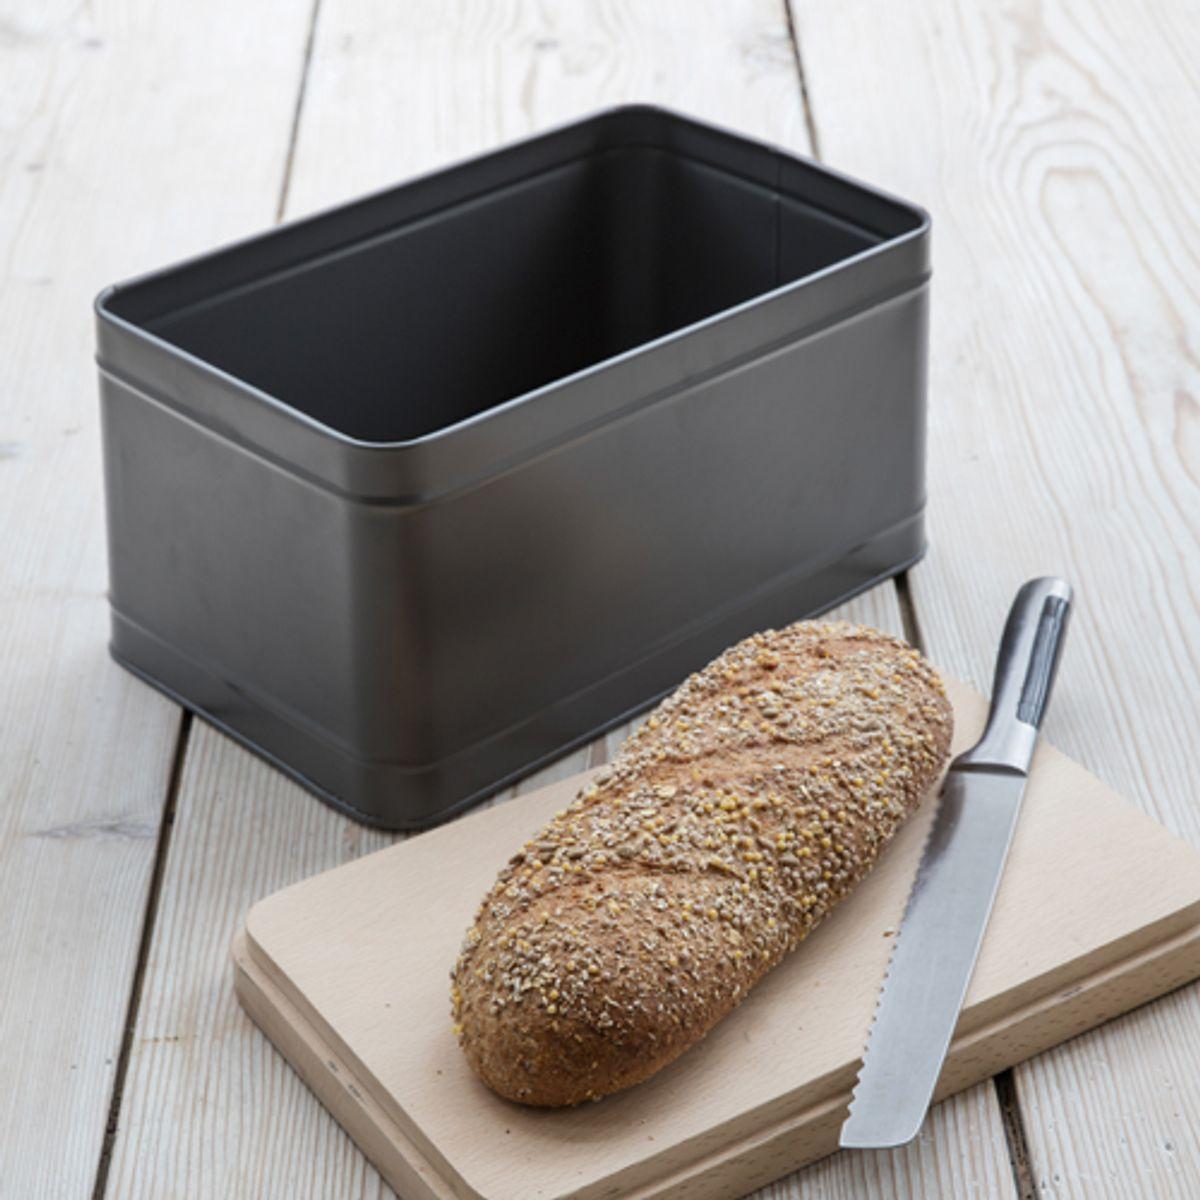 Garden Trading Boîte à pain en acier epoxy anthracite avec couvercle en hêtre